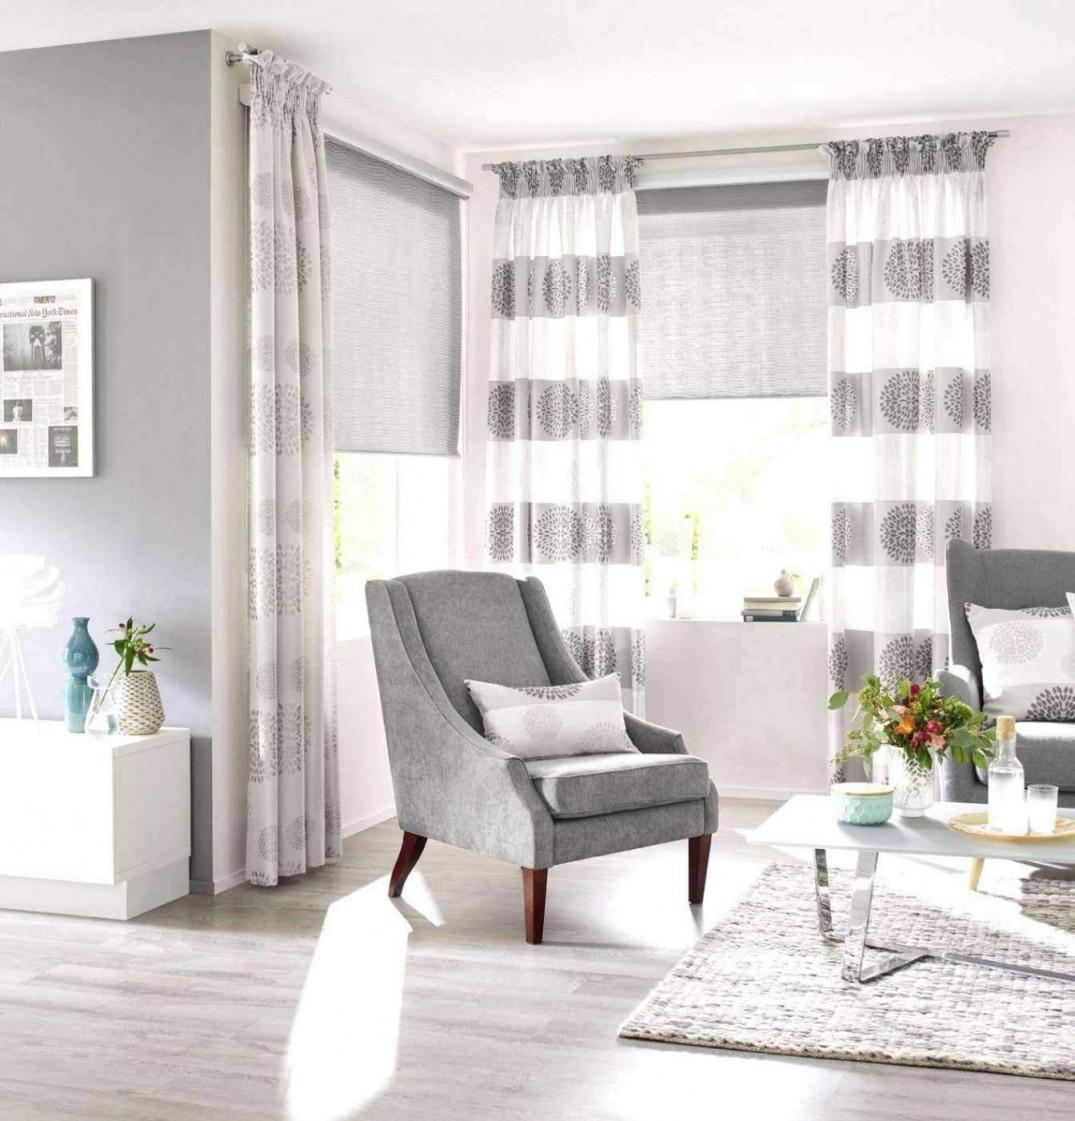 28 Frisch Gardinen Wohnzimmer Trend Frisch  Wohnzimmer Frisch von Gardinen Wohnzimmer Trend Bild